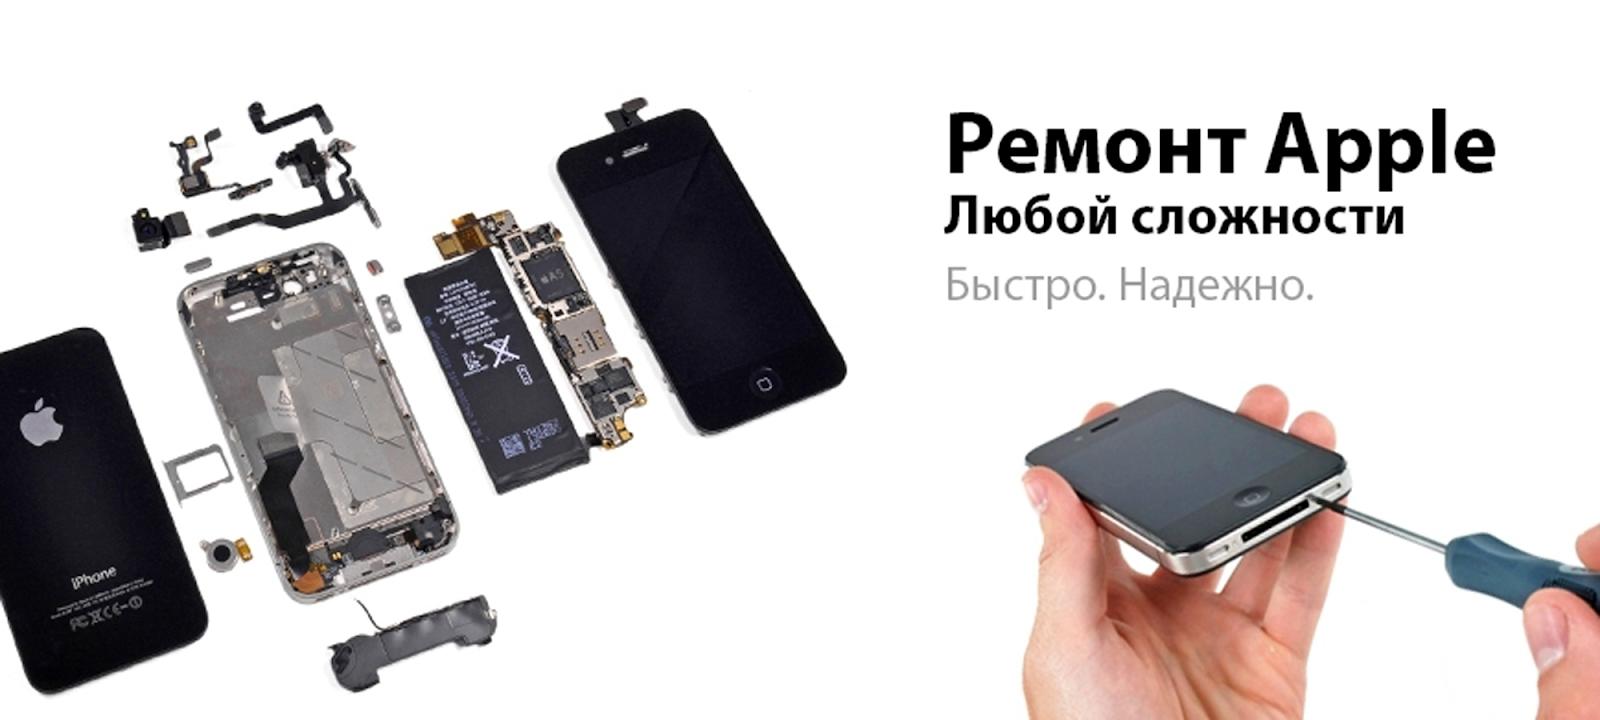 Заказать ремонт техники Apple в Москве